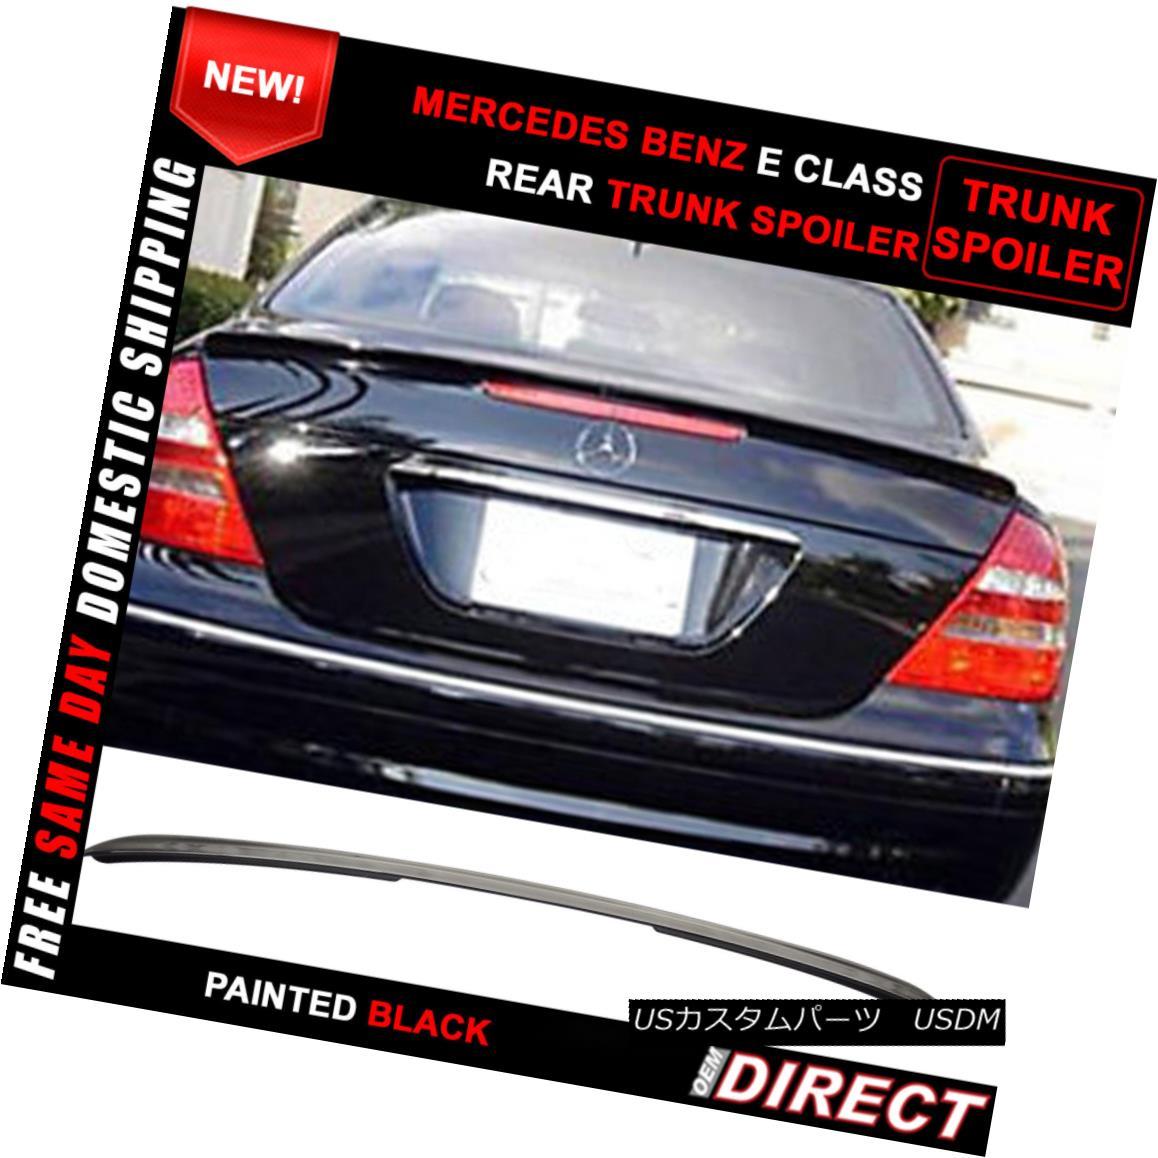 エアロパーツ 03-09 Benz E-Class W211 AMG Style #040 Painted ABS Trunk Spoiler 03-09ベンツEクラスW211 AMGスタイル#040塗装ABSトランク・スポイラー